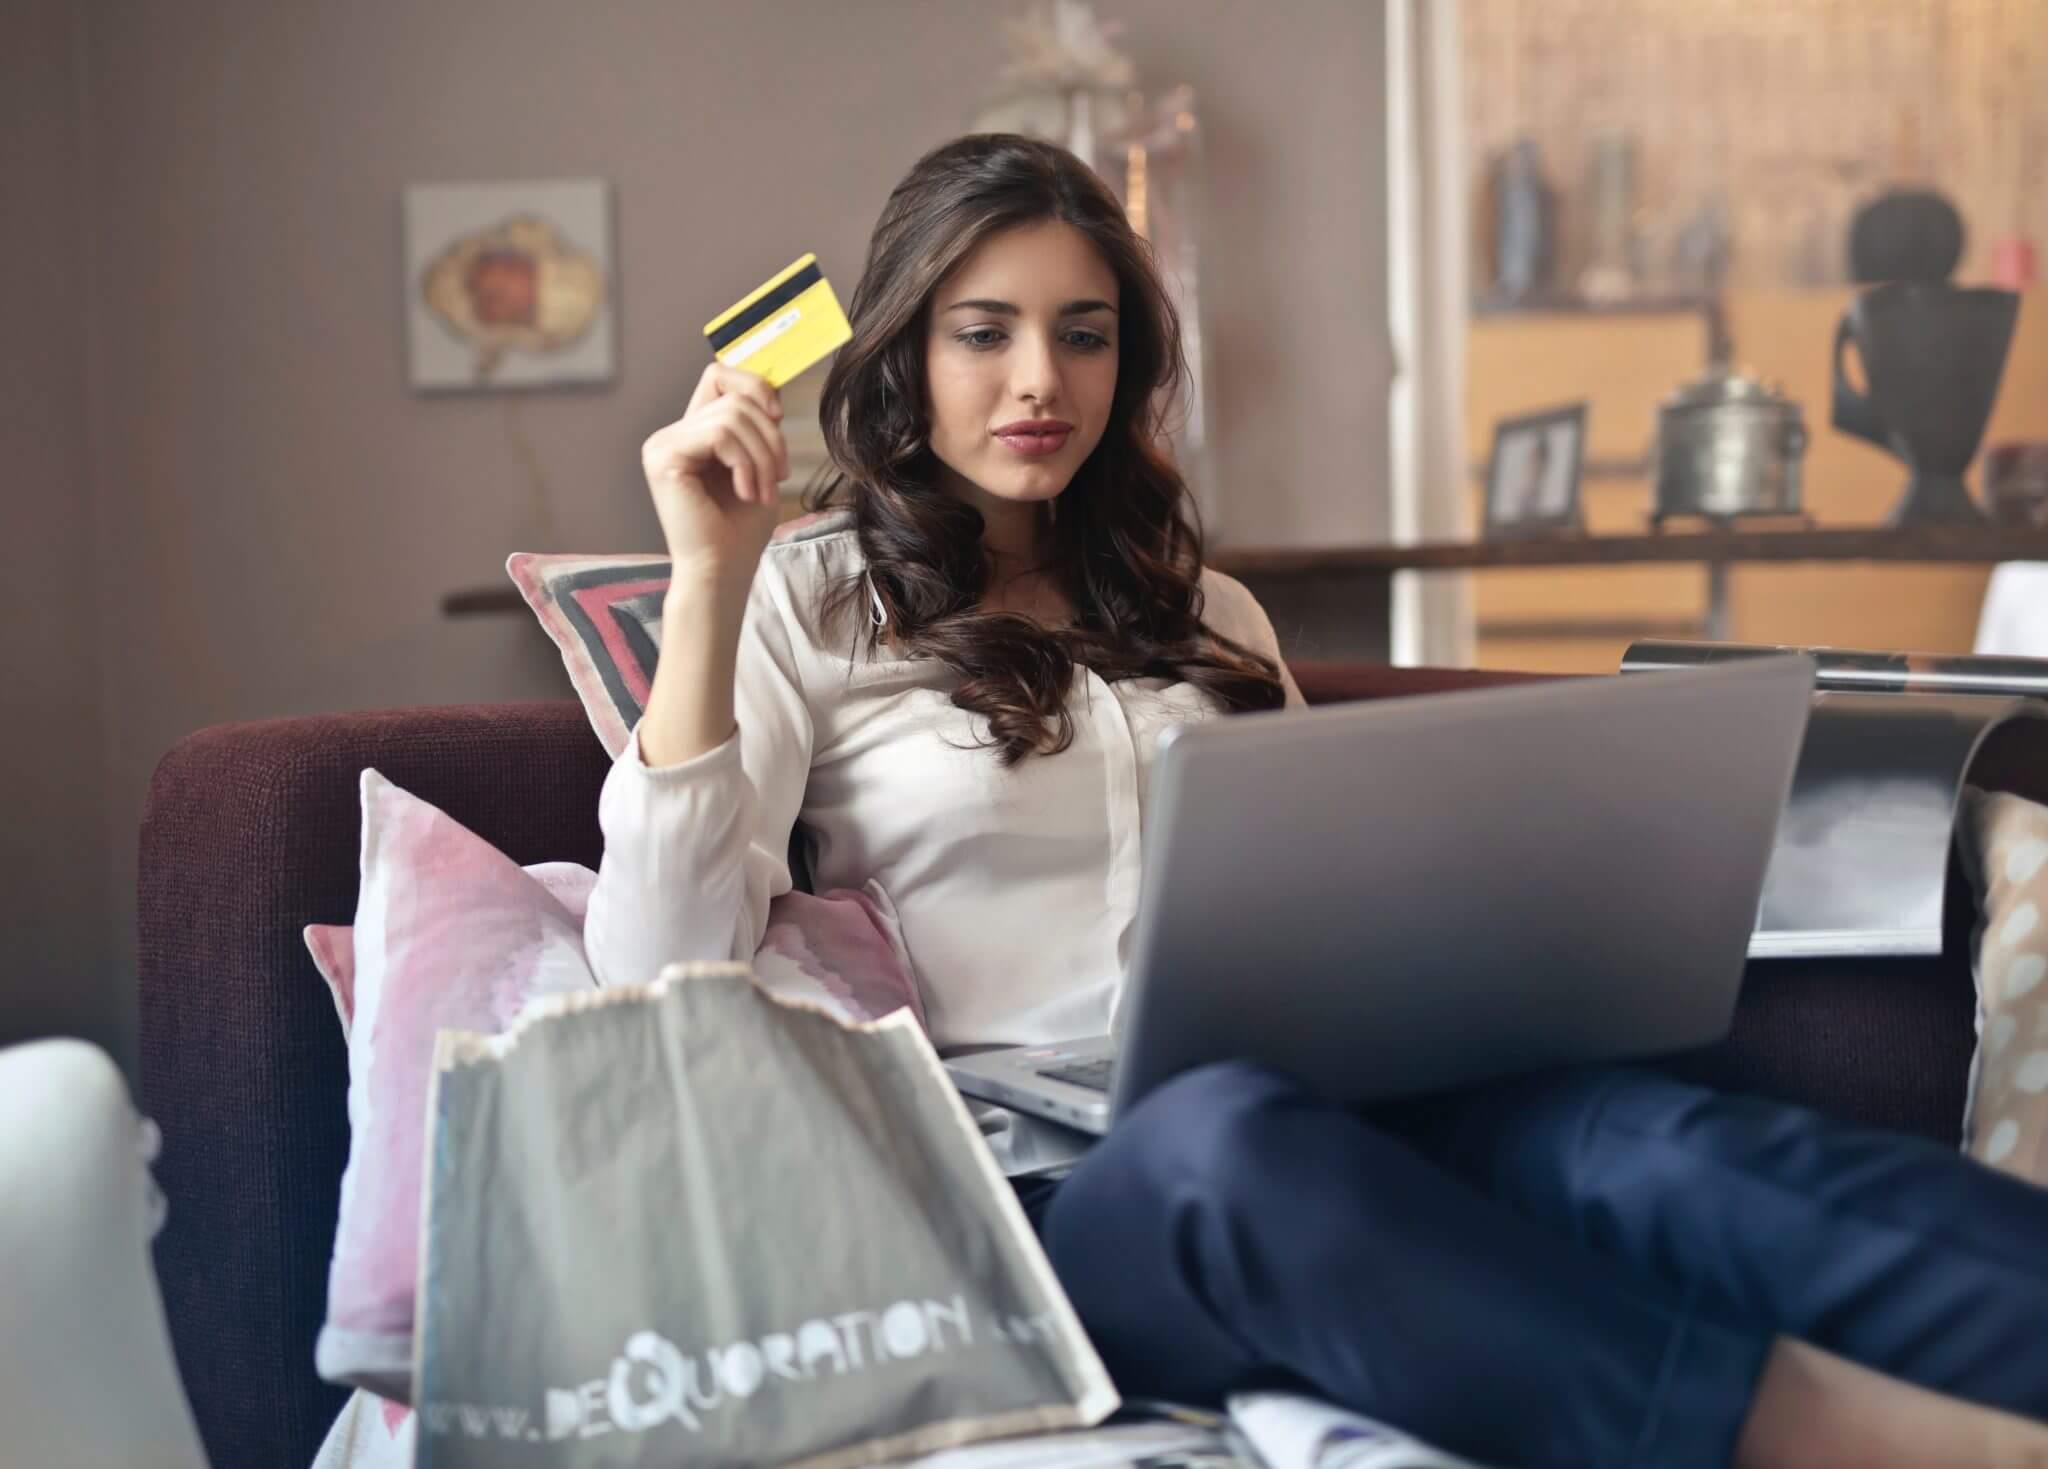 راهکارهایی برای افزایش بازدید سایت و افزایش فروش